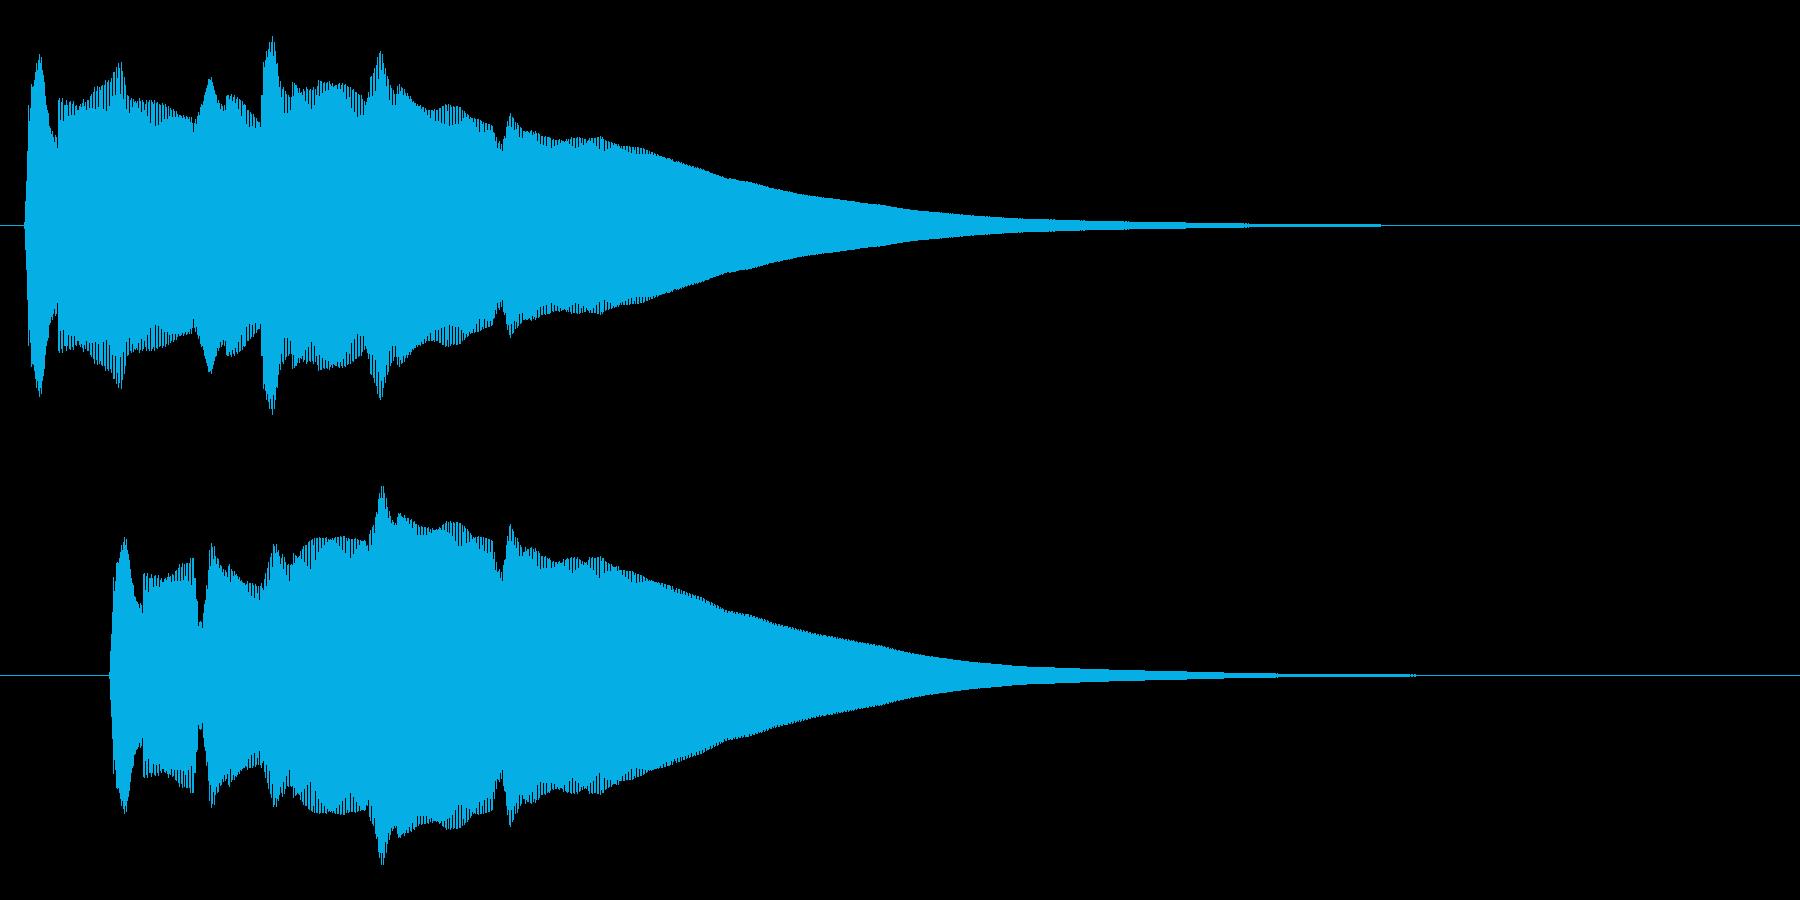 リリーン(なにかを発見した音)の再生済みの波形